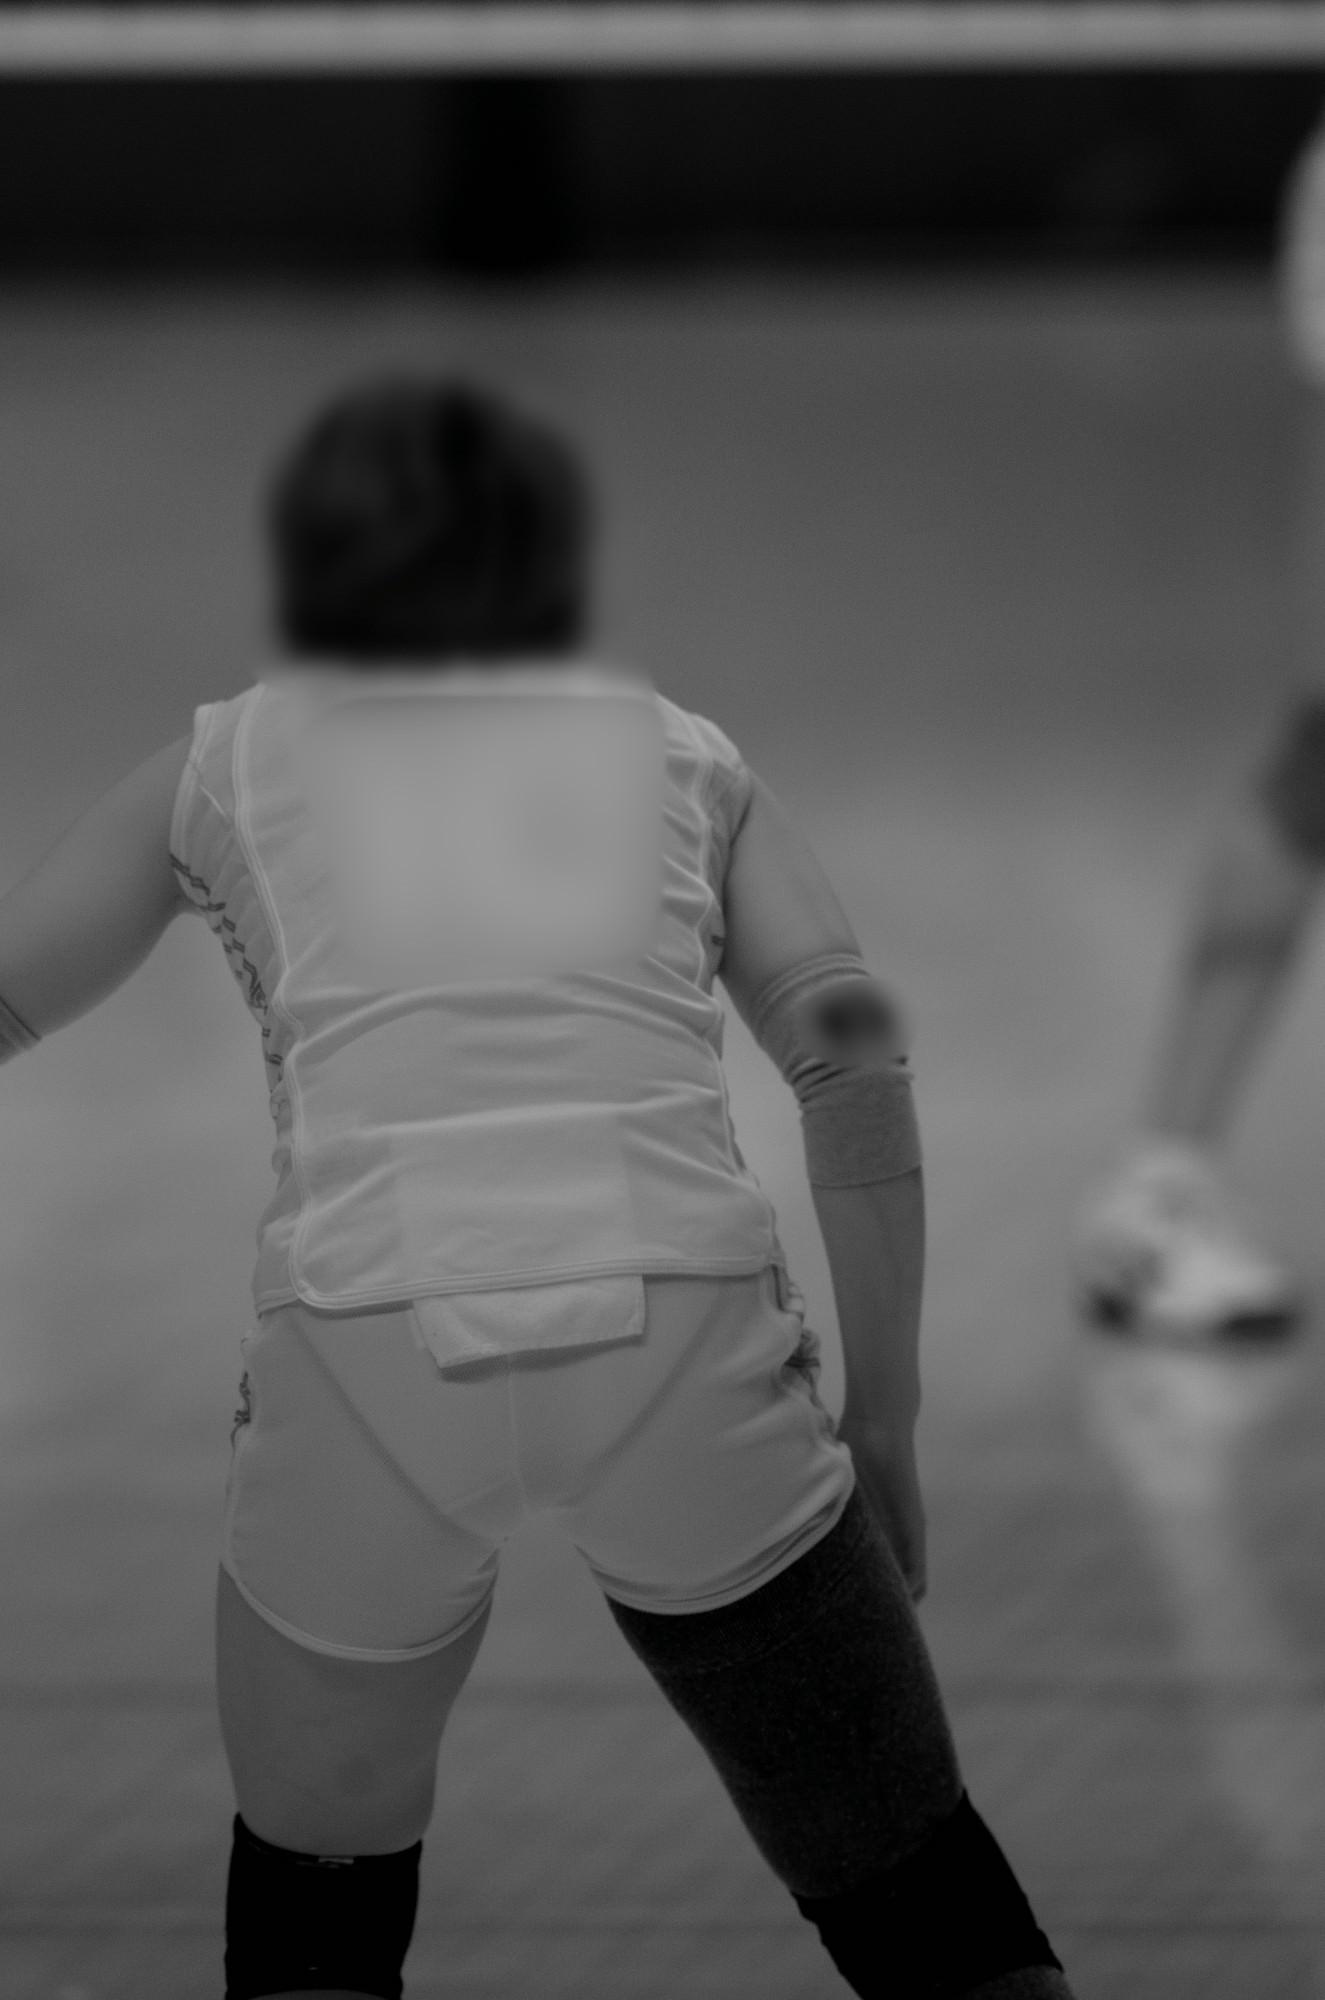 赤外線カメラ半端ない!!女子バレー選手のパンツとブラが透けまくってるスポーツ系エロ画像 1926